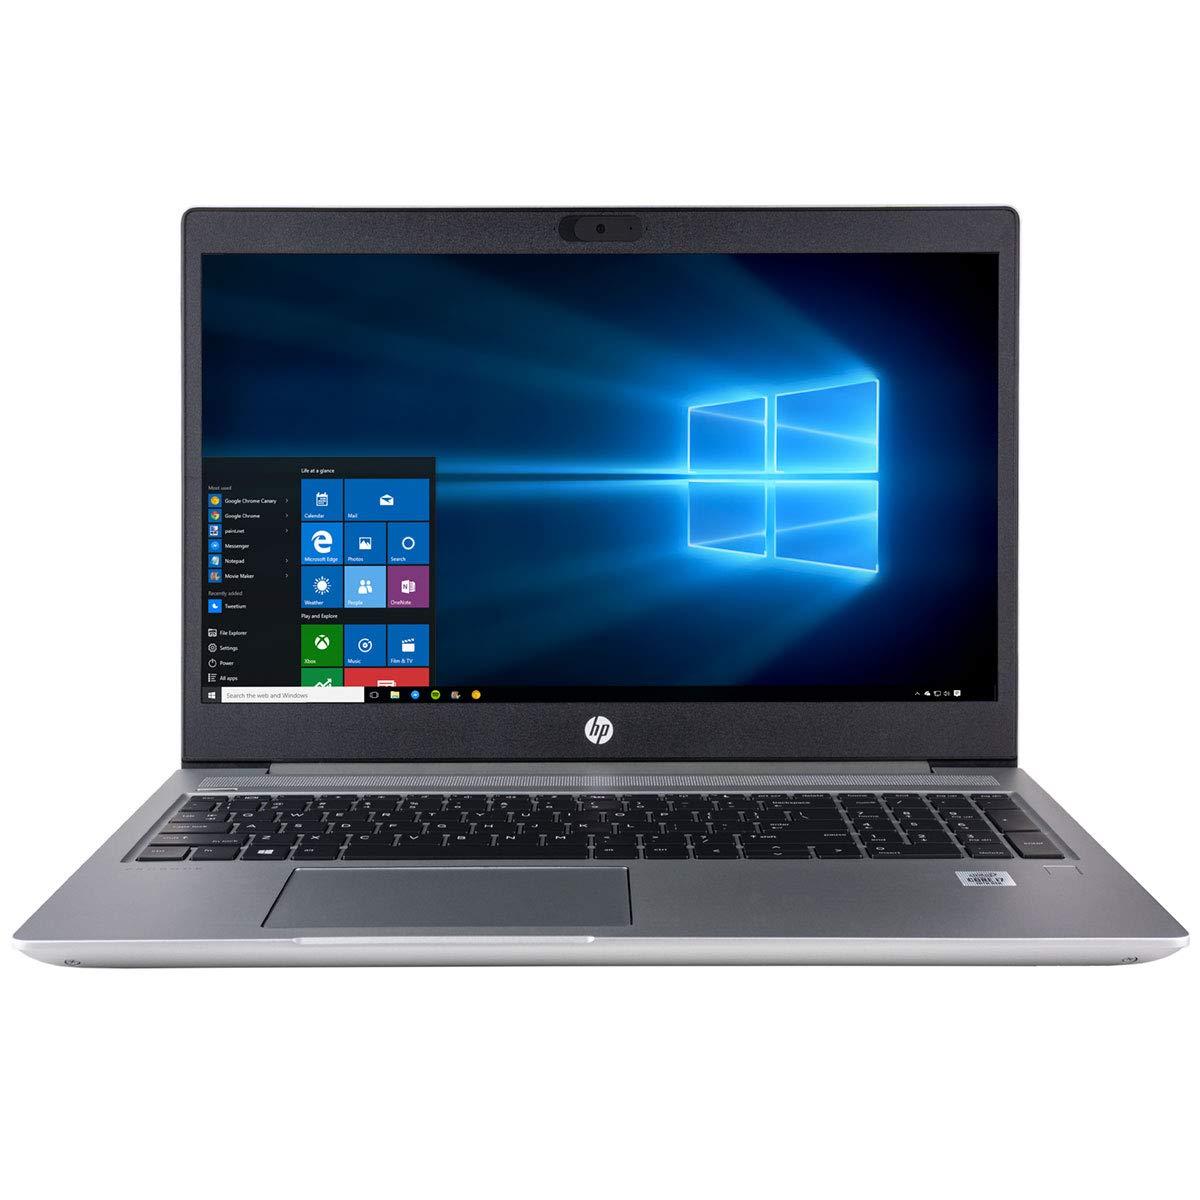 """CUK HP ProBook 450 G7 Business Laptop (Intel i7-10510U, 16GB RAM, 512GB NVMe SSD, NVIDIA GeForce MX250 2GB, 15.6"""" Full HD IPS, Wi-Fi, Bluetooth, Windows 10 Pro) Professional Notebook Computer"""